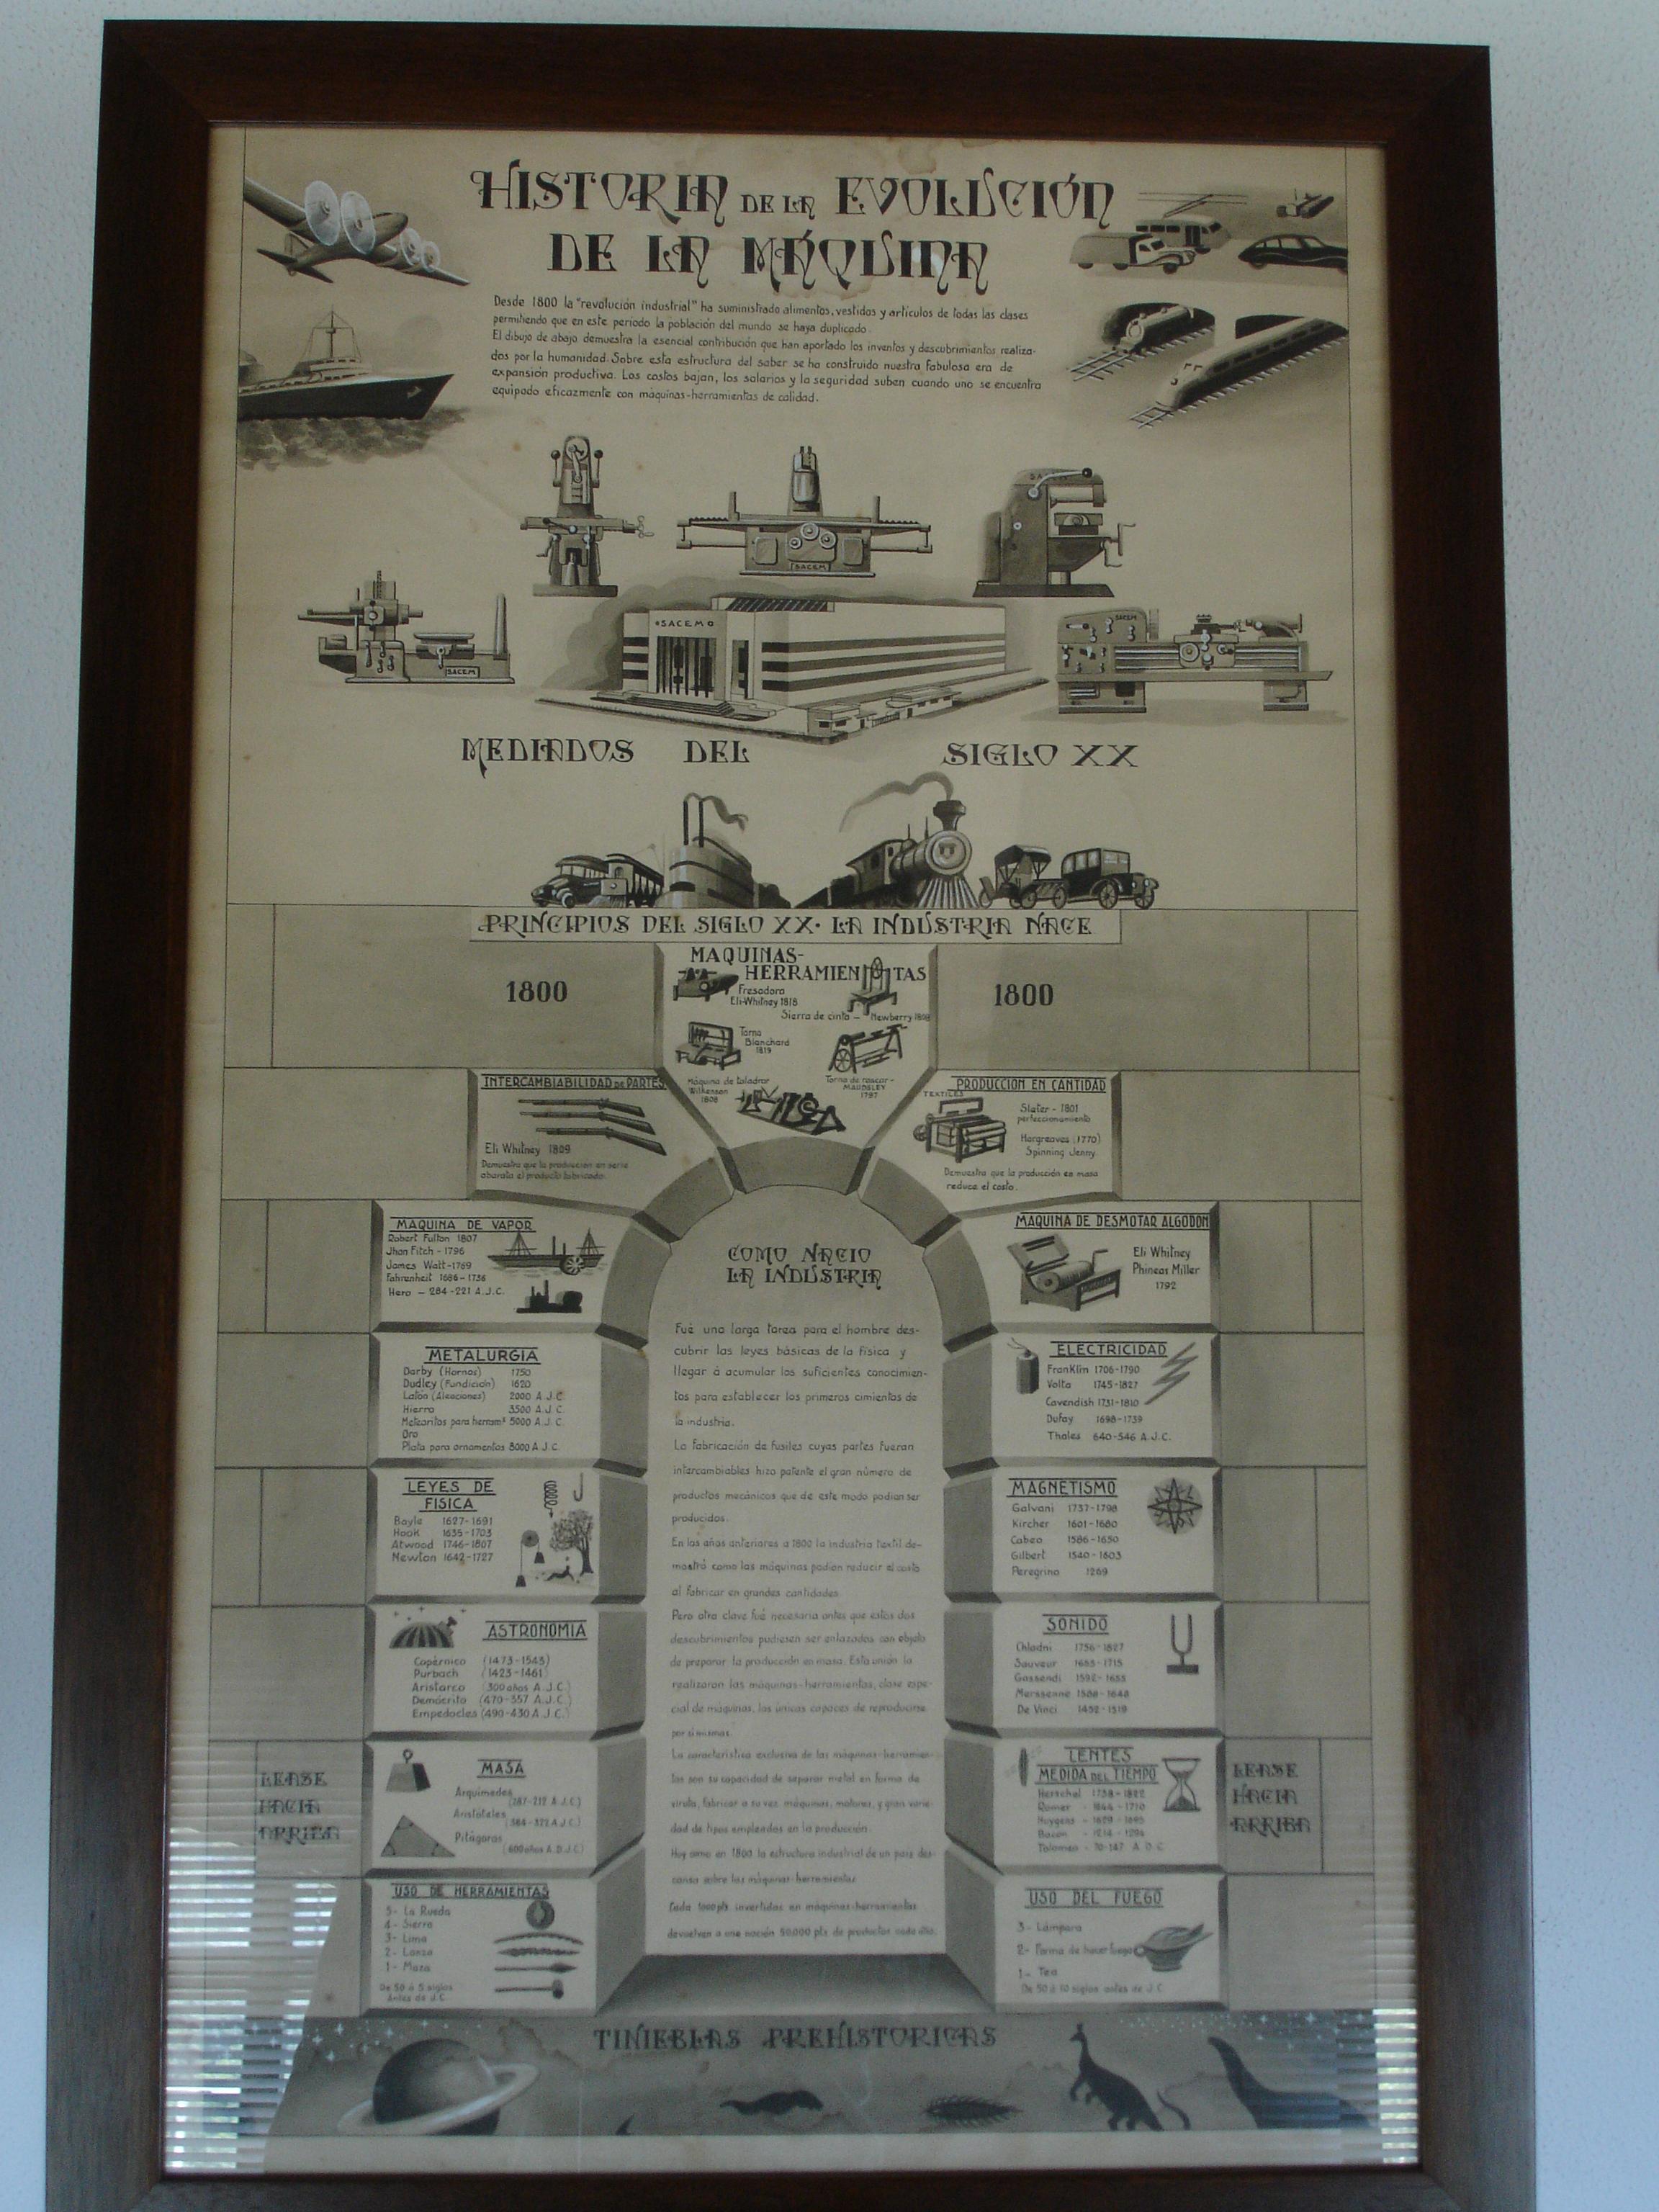 Historia de la evolución de la máquina